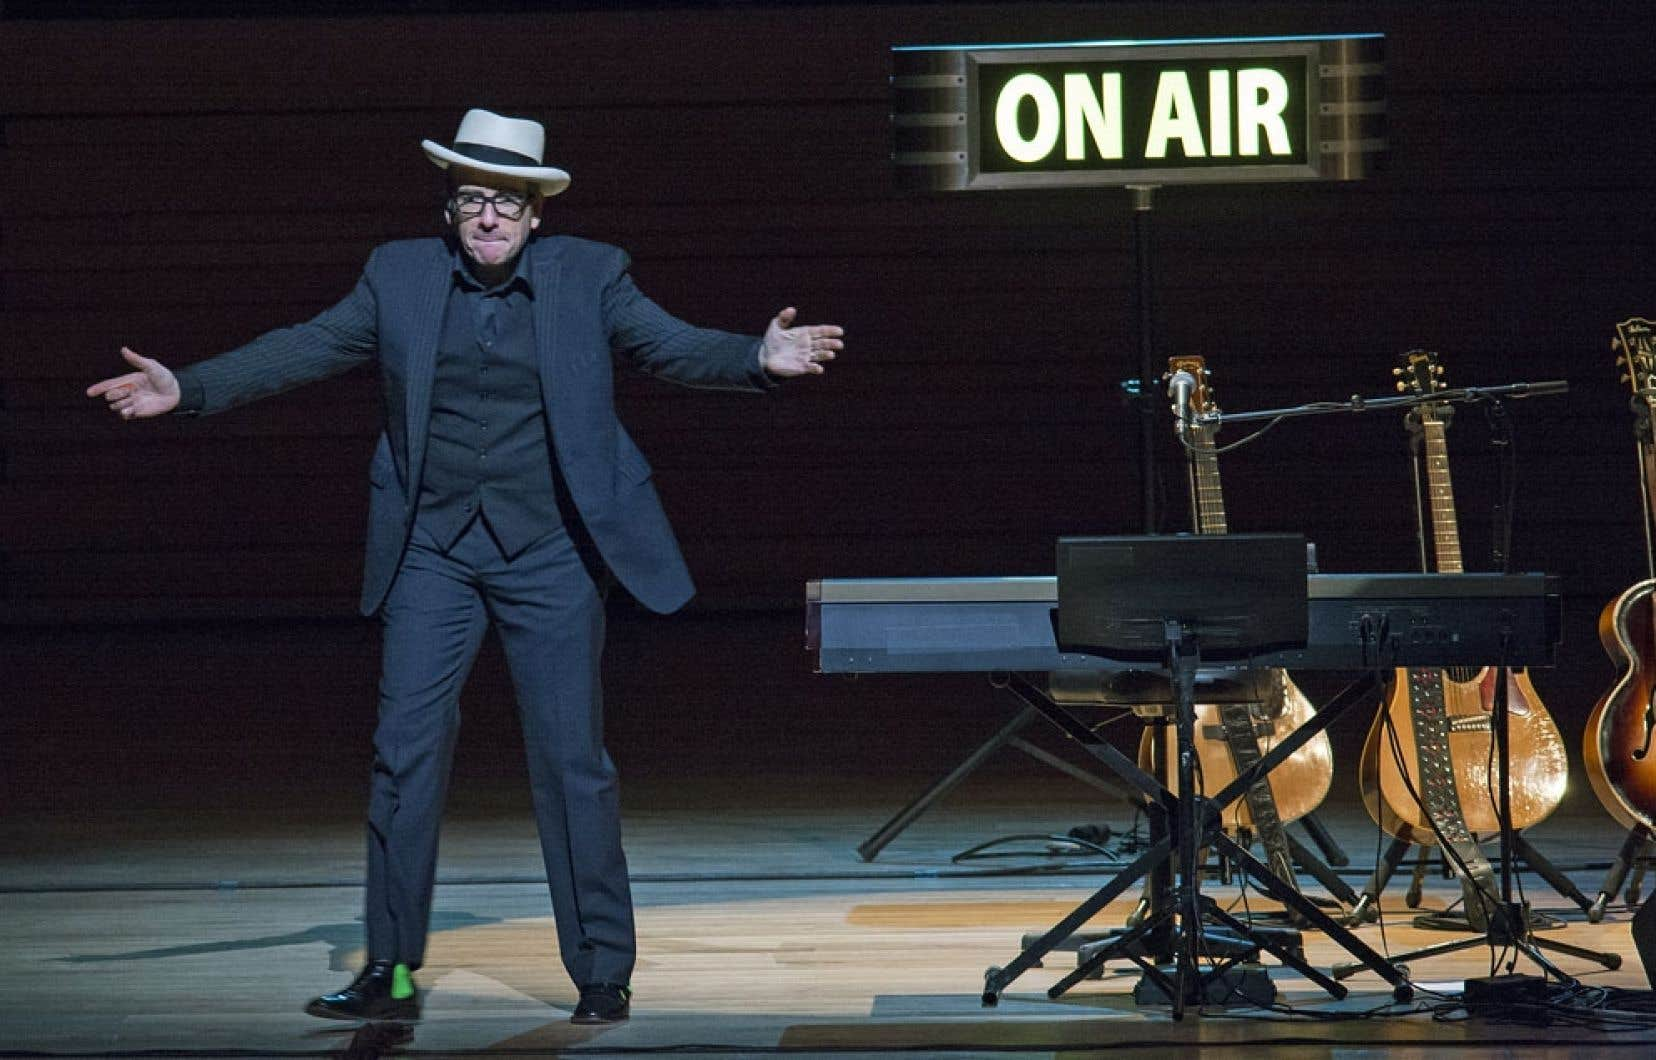 C'est auréolé du Montreal Jazz Festival Spirit Award qu'il s'est présenté ce dimanche à la Maison symphonique, avec ses guitares, son piano, sa voix et ses lunettes: le brillantissime Britannique de la chanson rock, comprenait-on, n'a besoin de rien d'autre pour servir son répertoire.